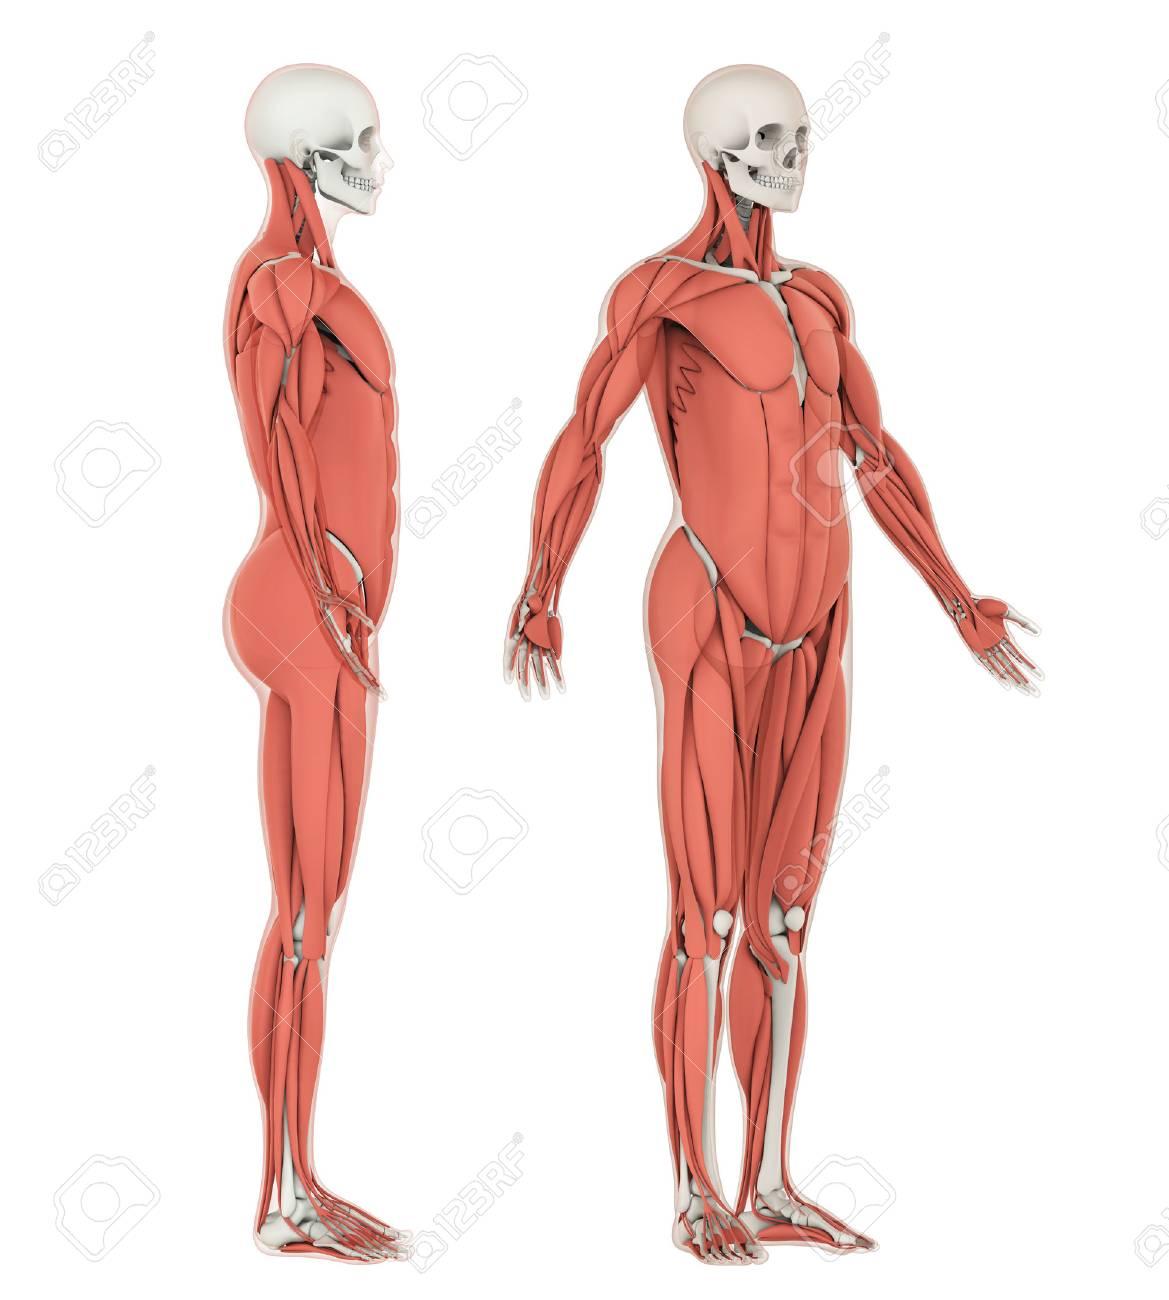 Esqueleto Humano Y Anatomía Muscular Aislada Fotos, Retratos ...